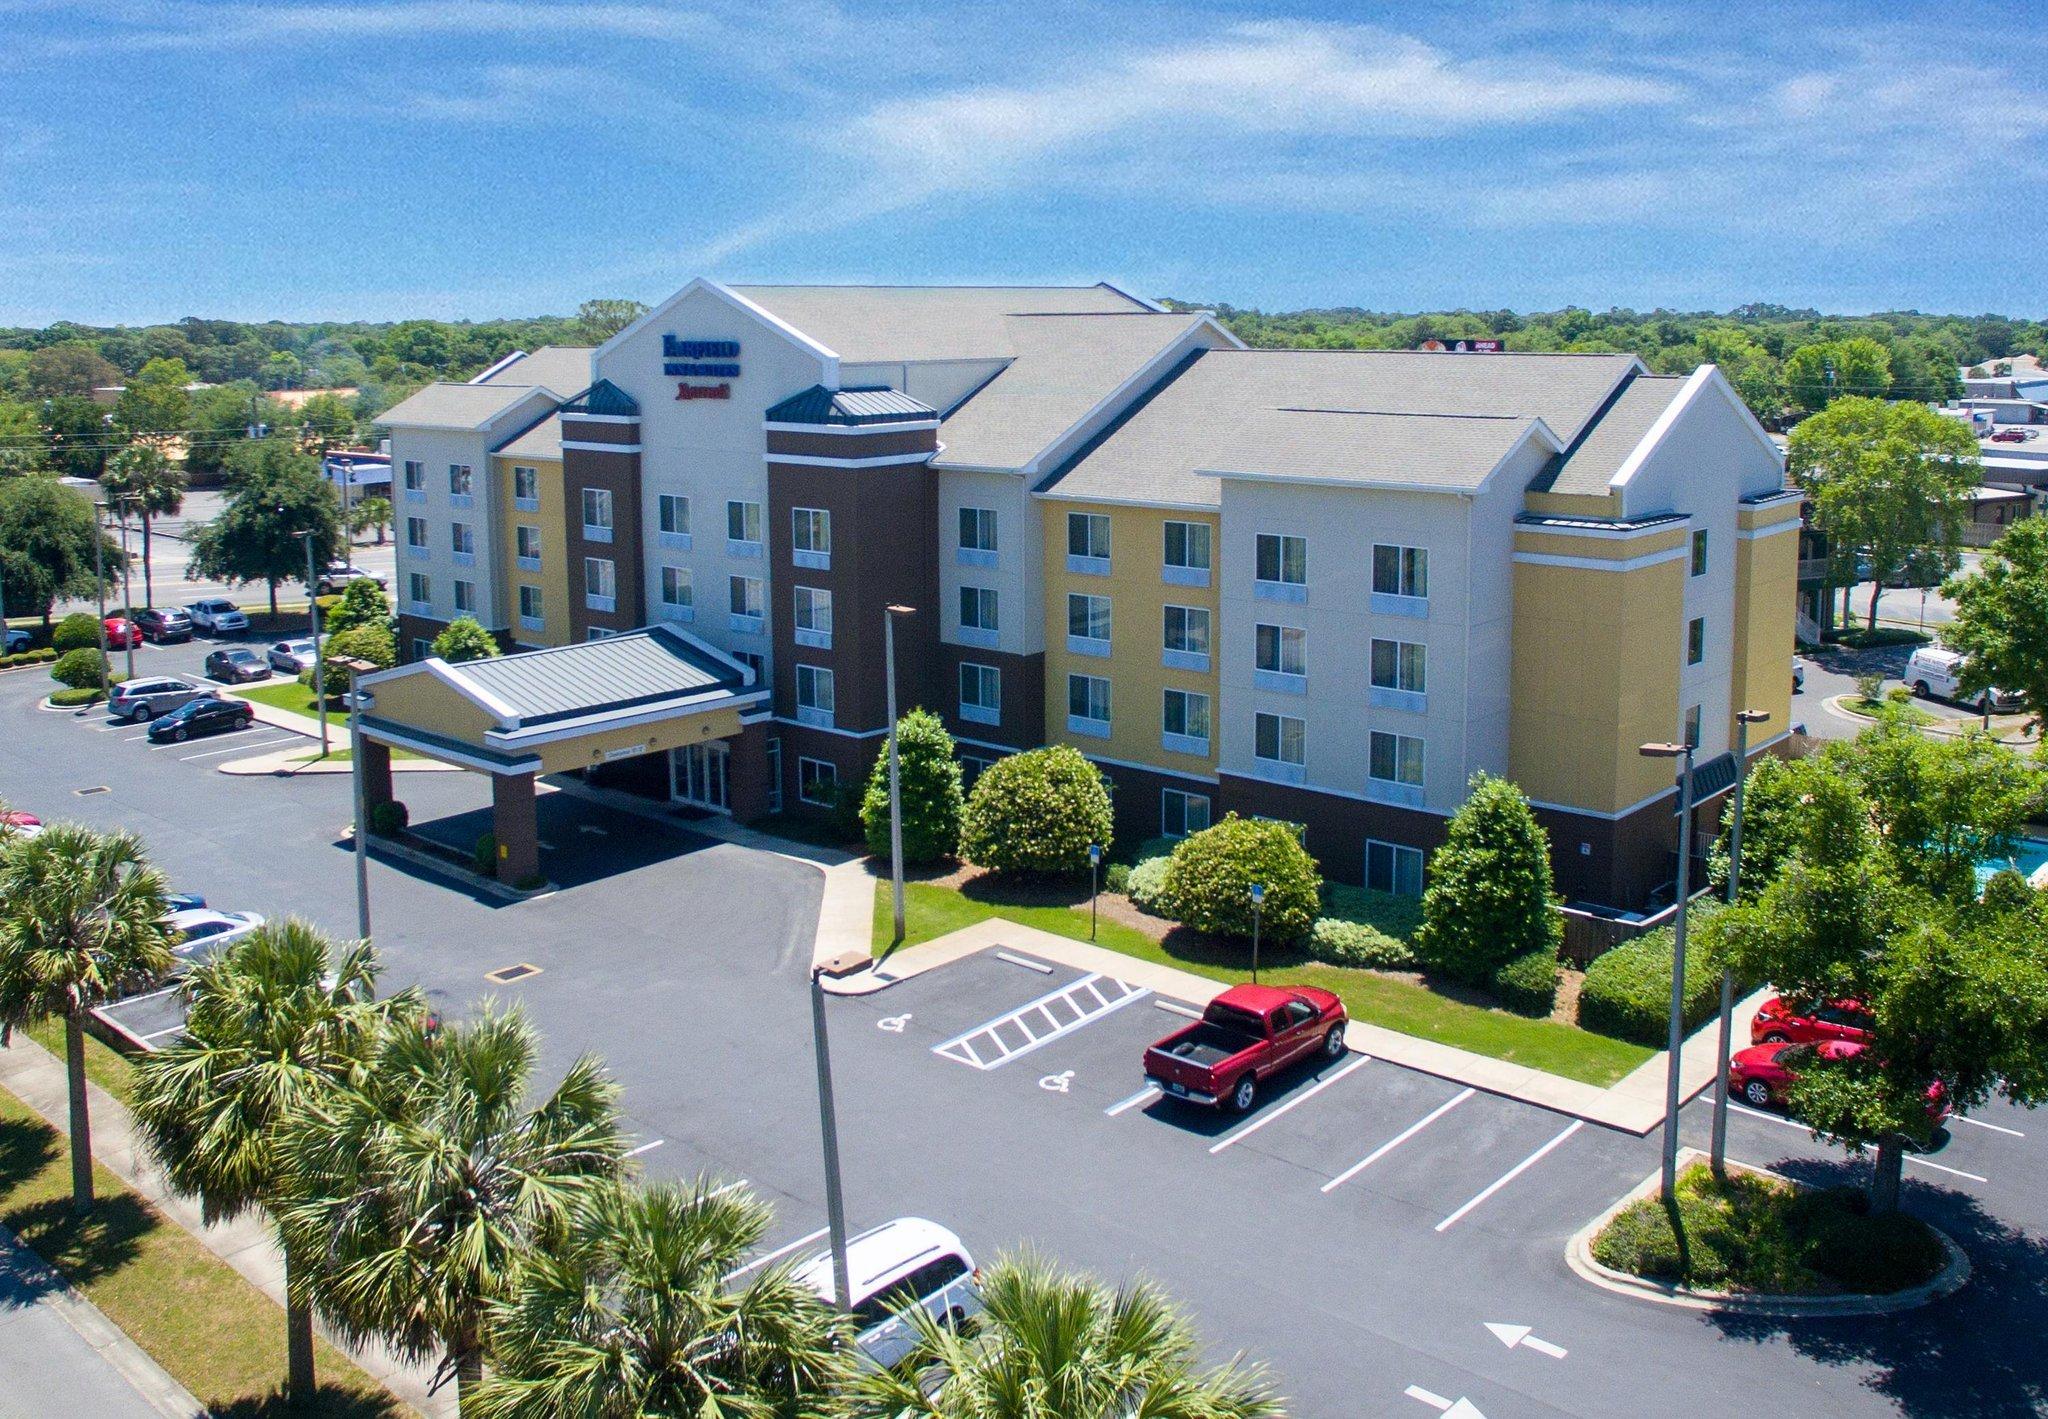 Fairfield Inn & Suites Fort Walton Beach-Eglin AFB